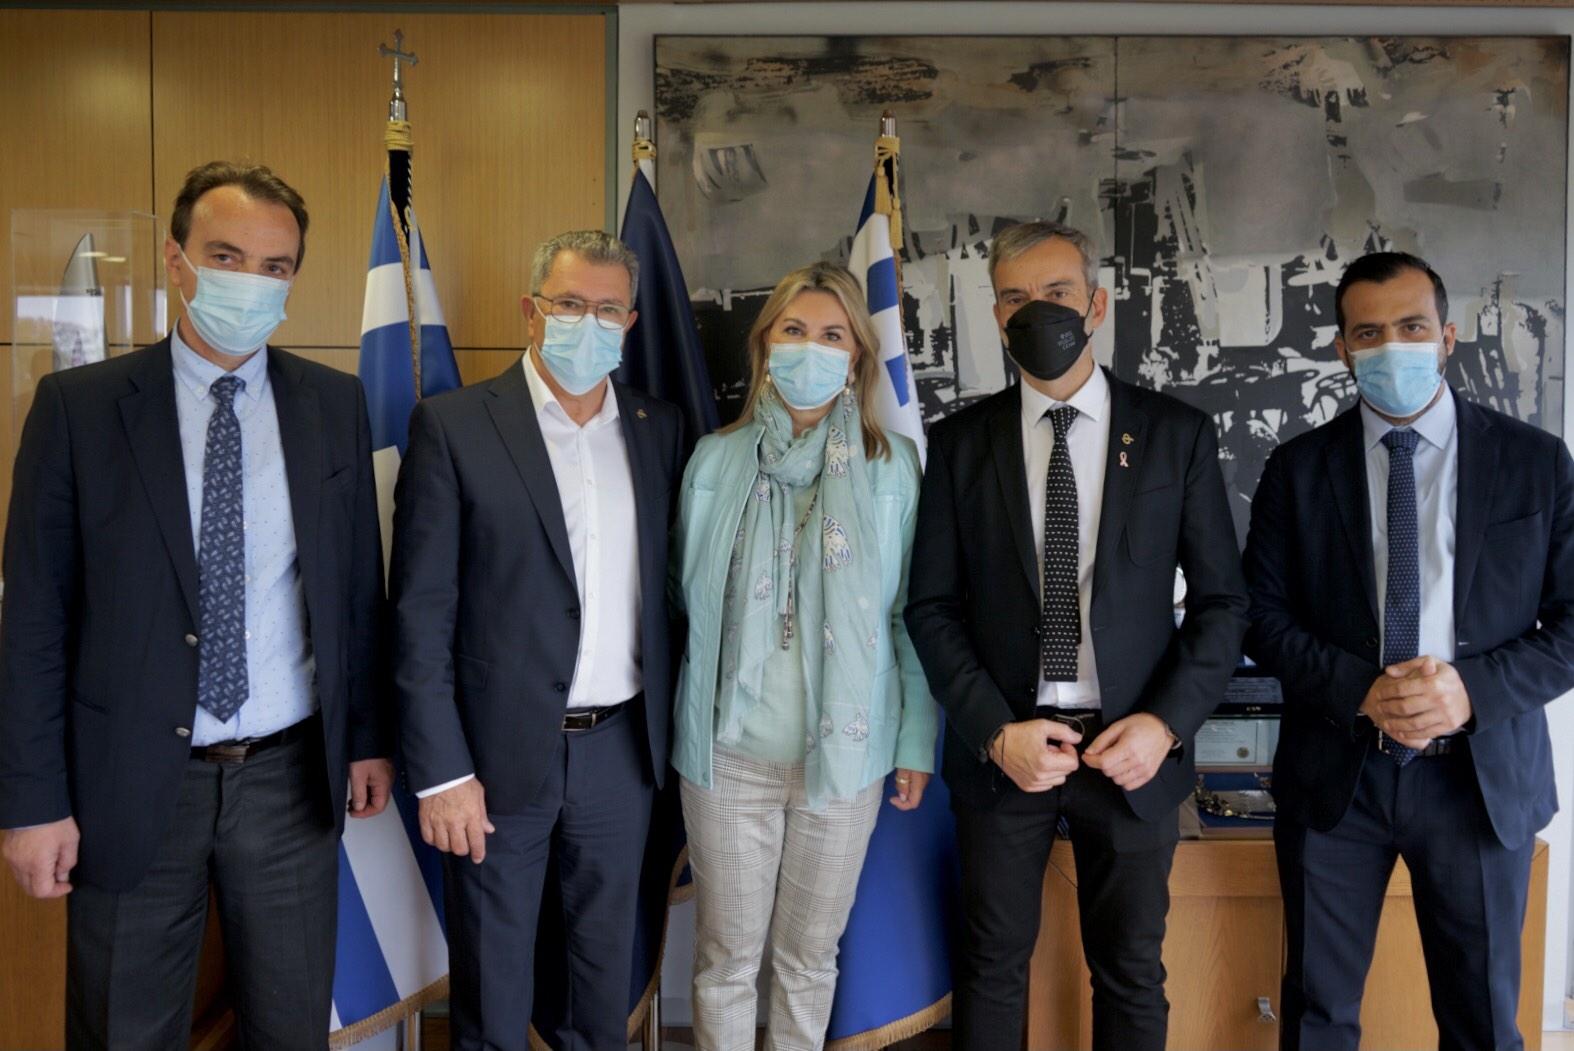 Συνάντηση του Δημάρχου Θεσσαλονίκης Κωνσταντίνου Ζέρβα με την Υφυπουργό Παιδείας και Θρησκευμάτων  Ζέττα Μακρή